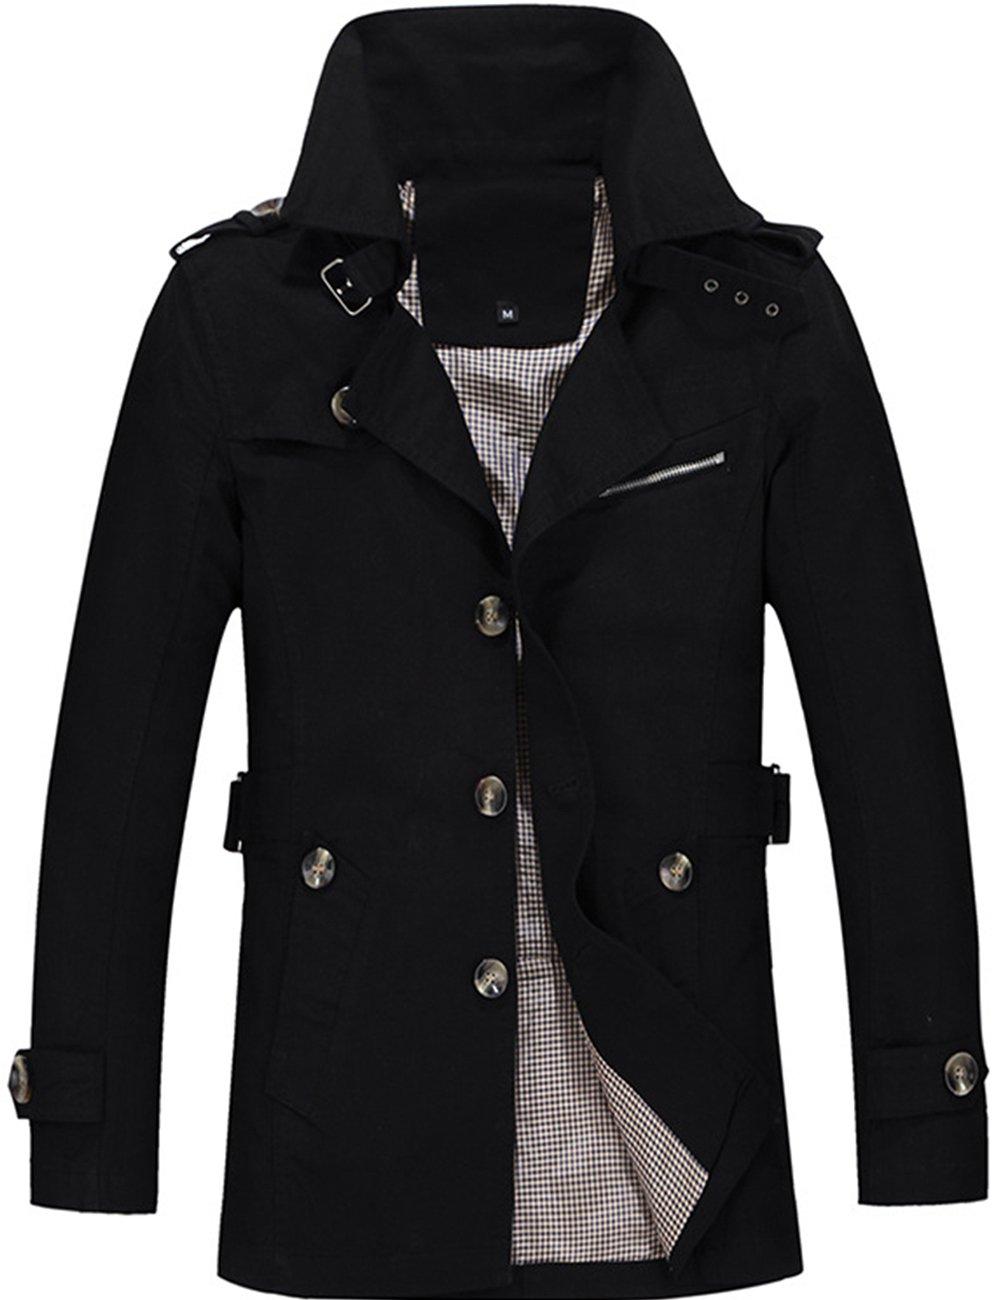 Menschwear OUTERWEAR メンズ B075FBHDQM XL|ブラック ブラック XL